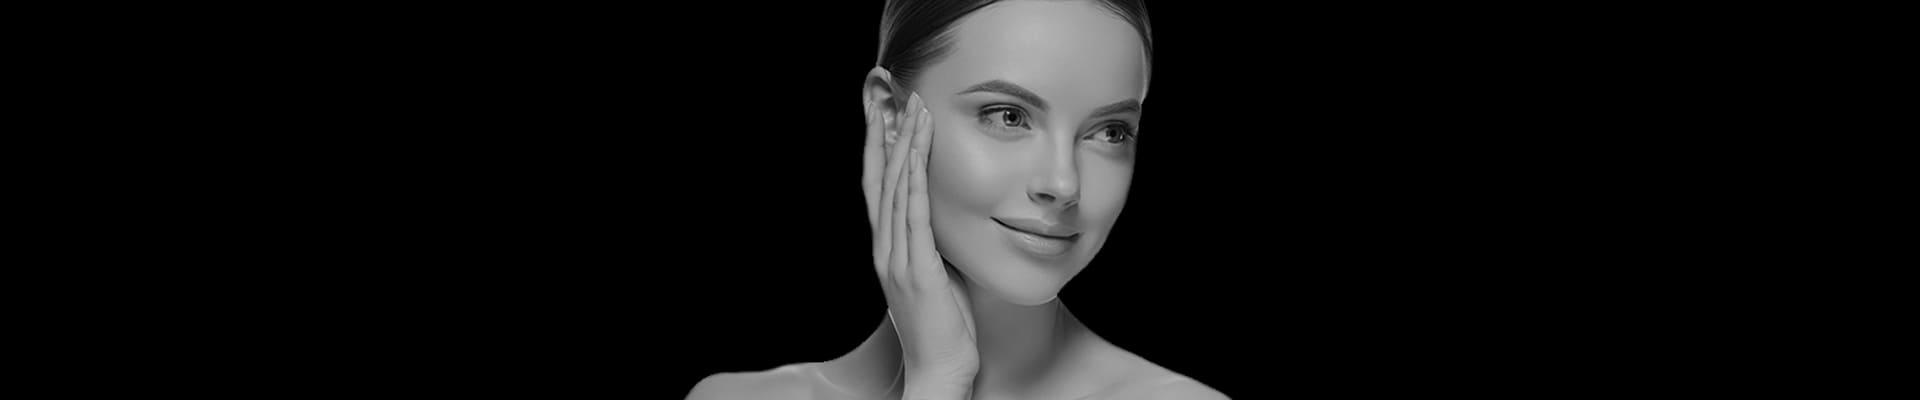 Botox Sindelfingen Faltenbehandlung